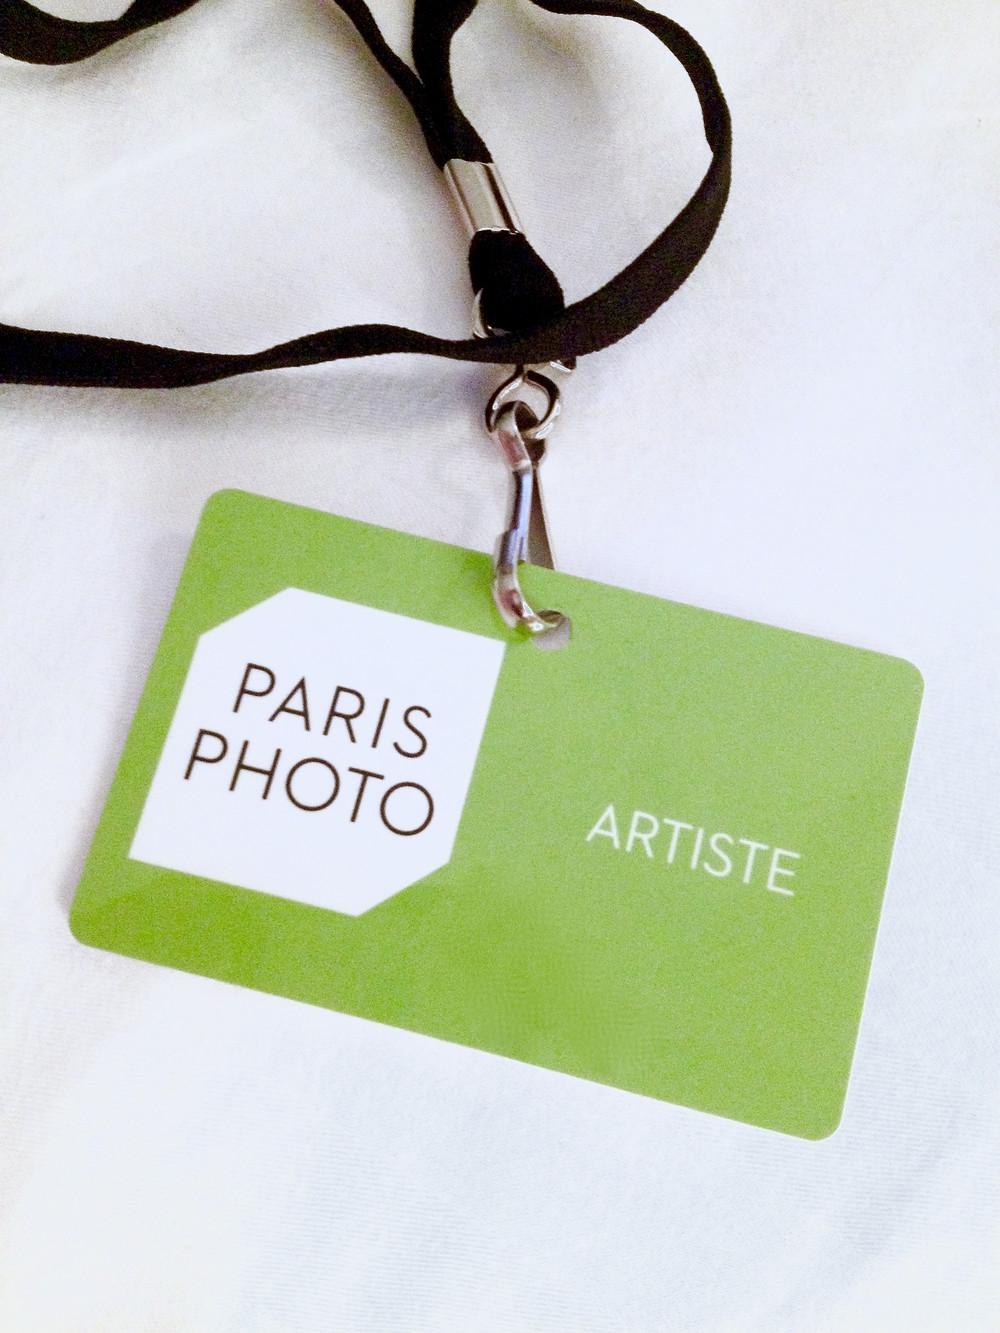 Paris Photo/ Entrance Card: Artiste